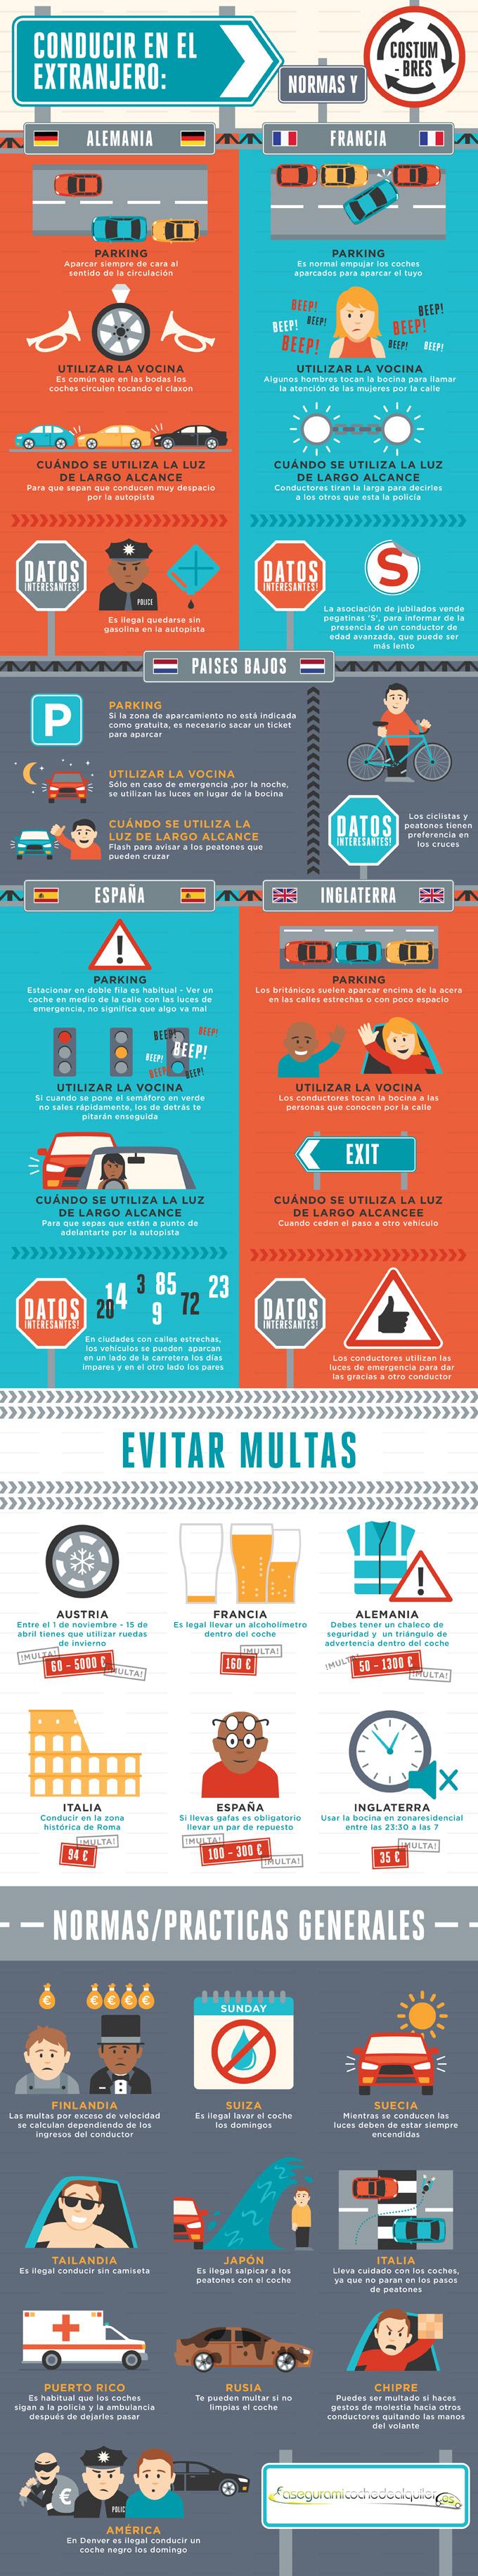 Renovacion del carnet de conducir en BarcelonaRenovacion del carnet de conducir en Barcelona